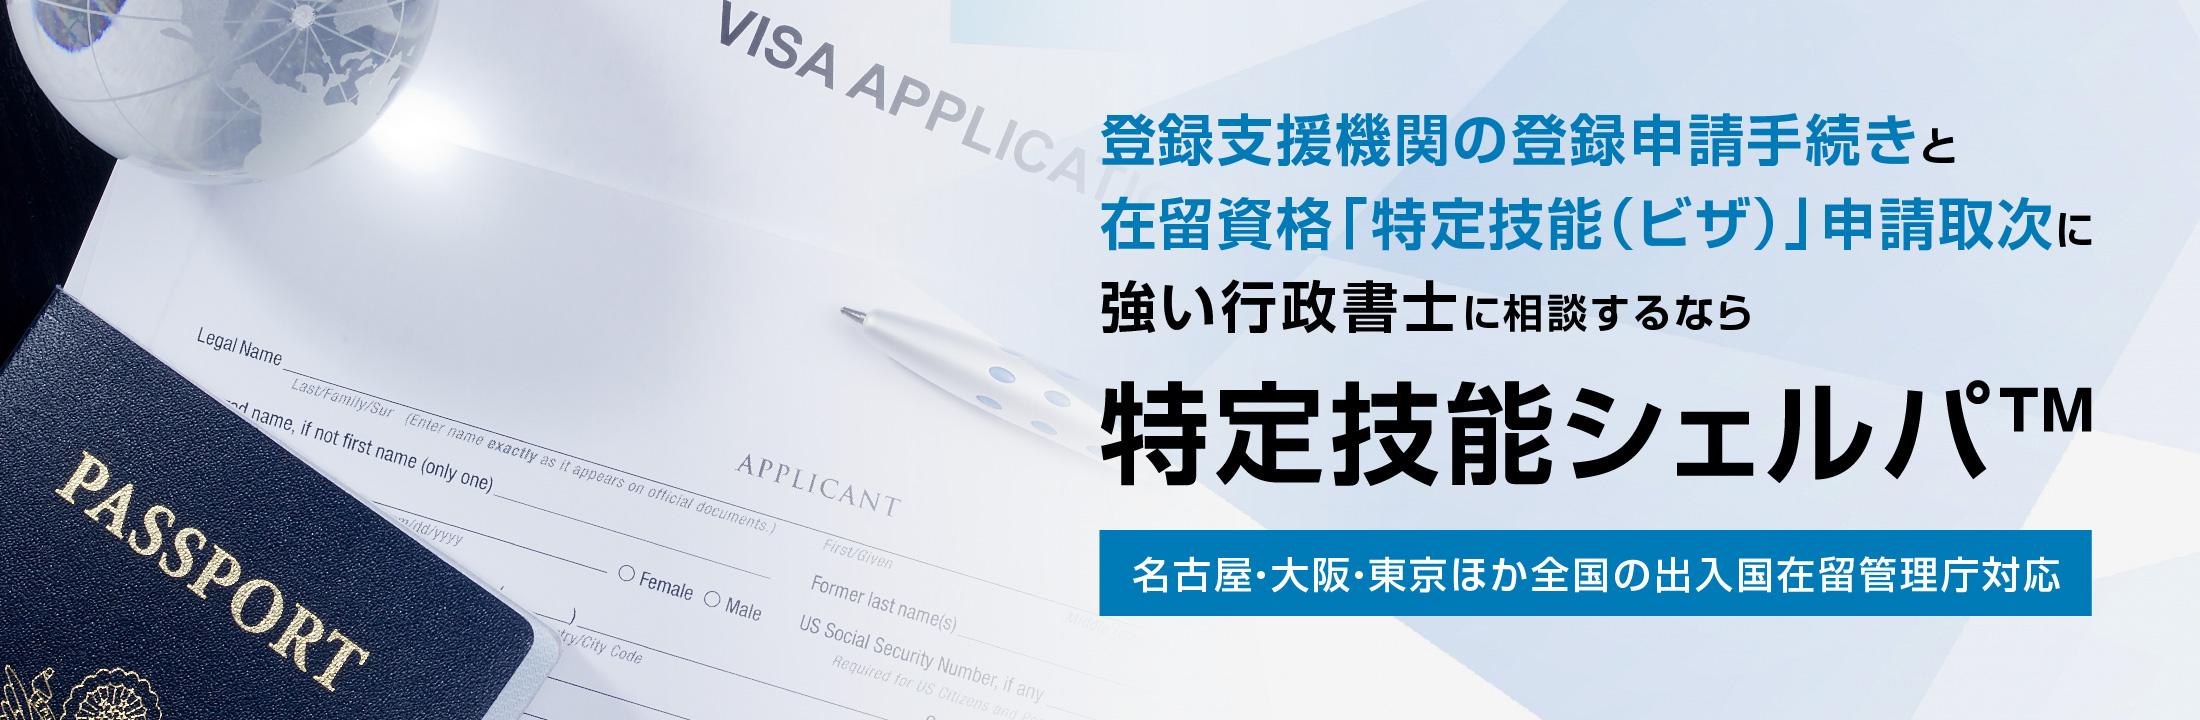 登録支援機関の登録申請手続きと在留資格「特定技能(ビザ)」申請取次に強い行政書士に相談するなら特定技能シェルパ™